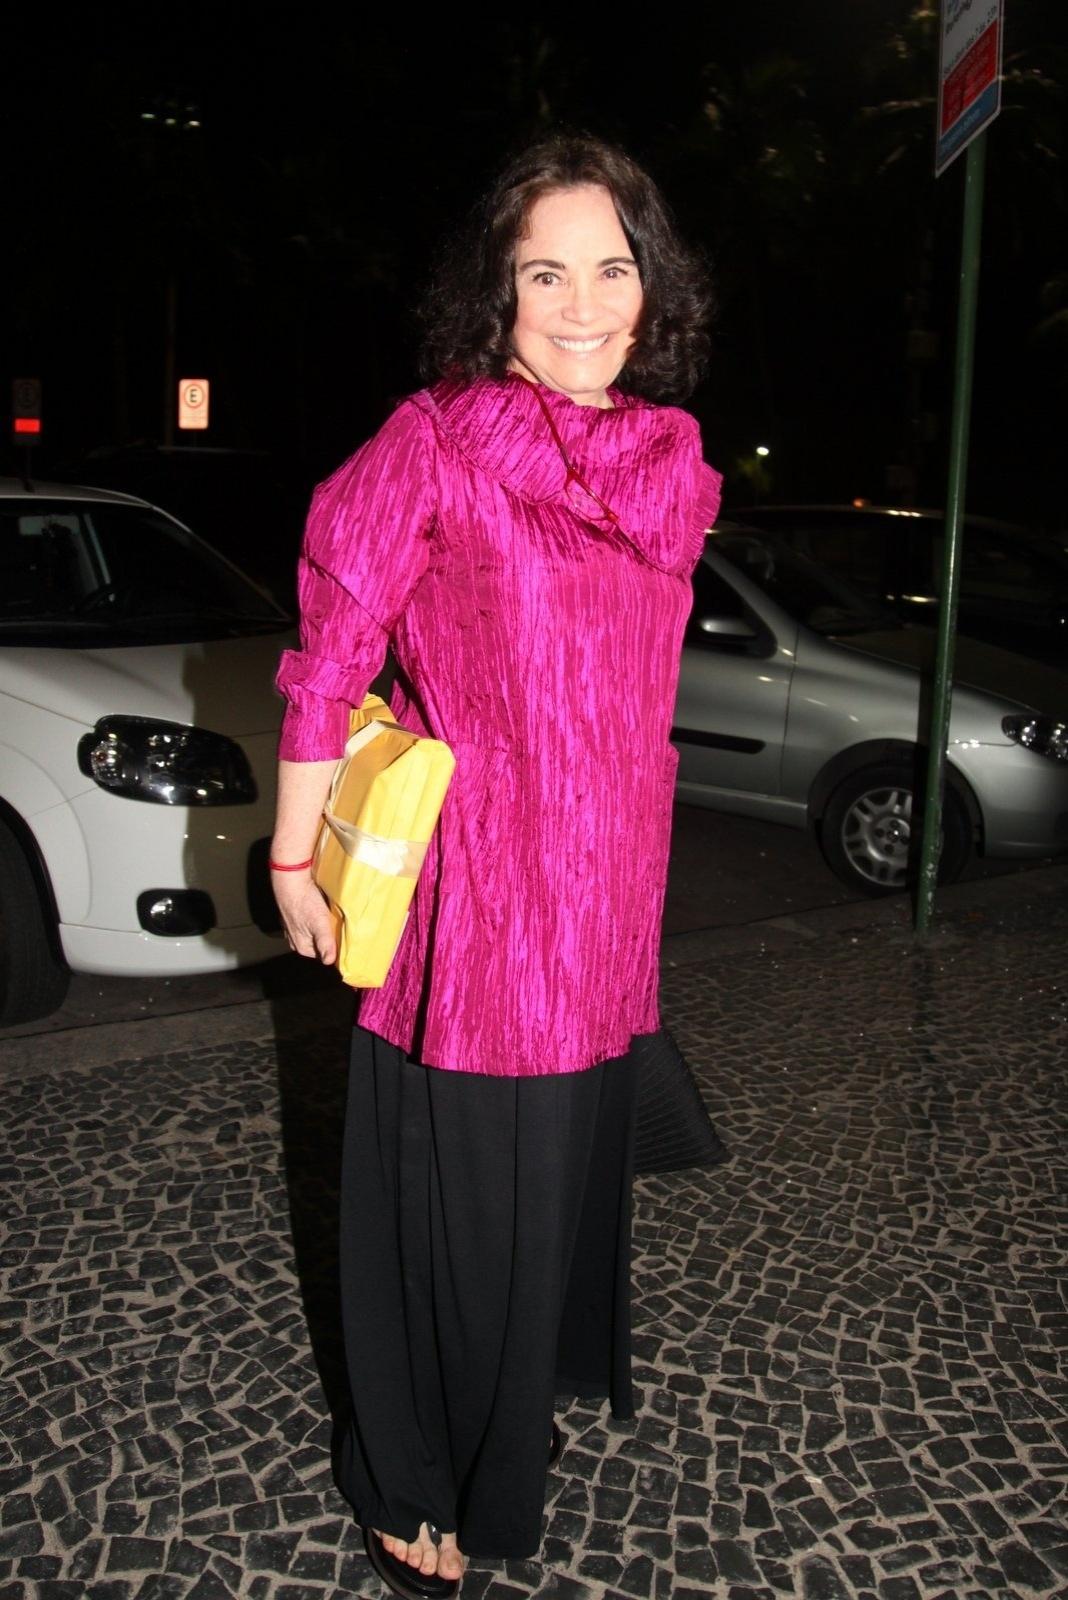 8.dez.2014 - Regina Duarte marca presença na comemoração de 79 anos de Boni que reuniu vários famosos em um restaurante em Copacabana, na zona sul do Rio de Janeiro, nesta segunda-feira